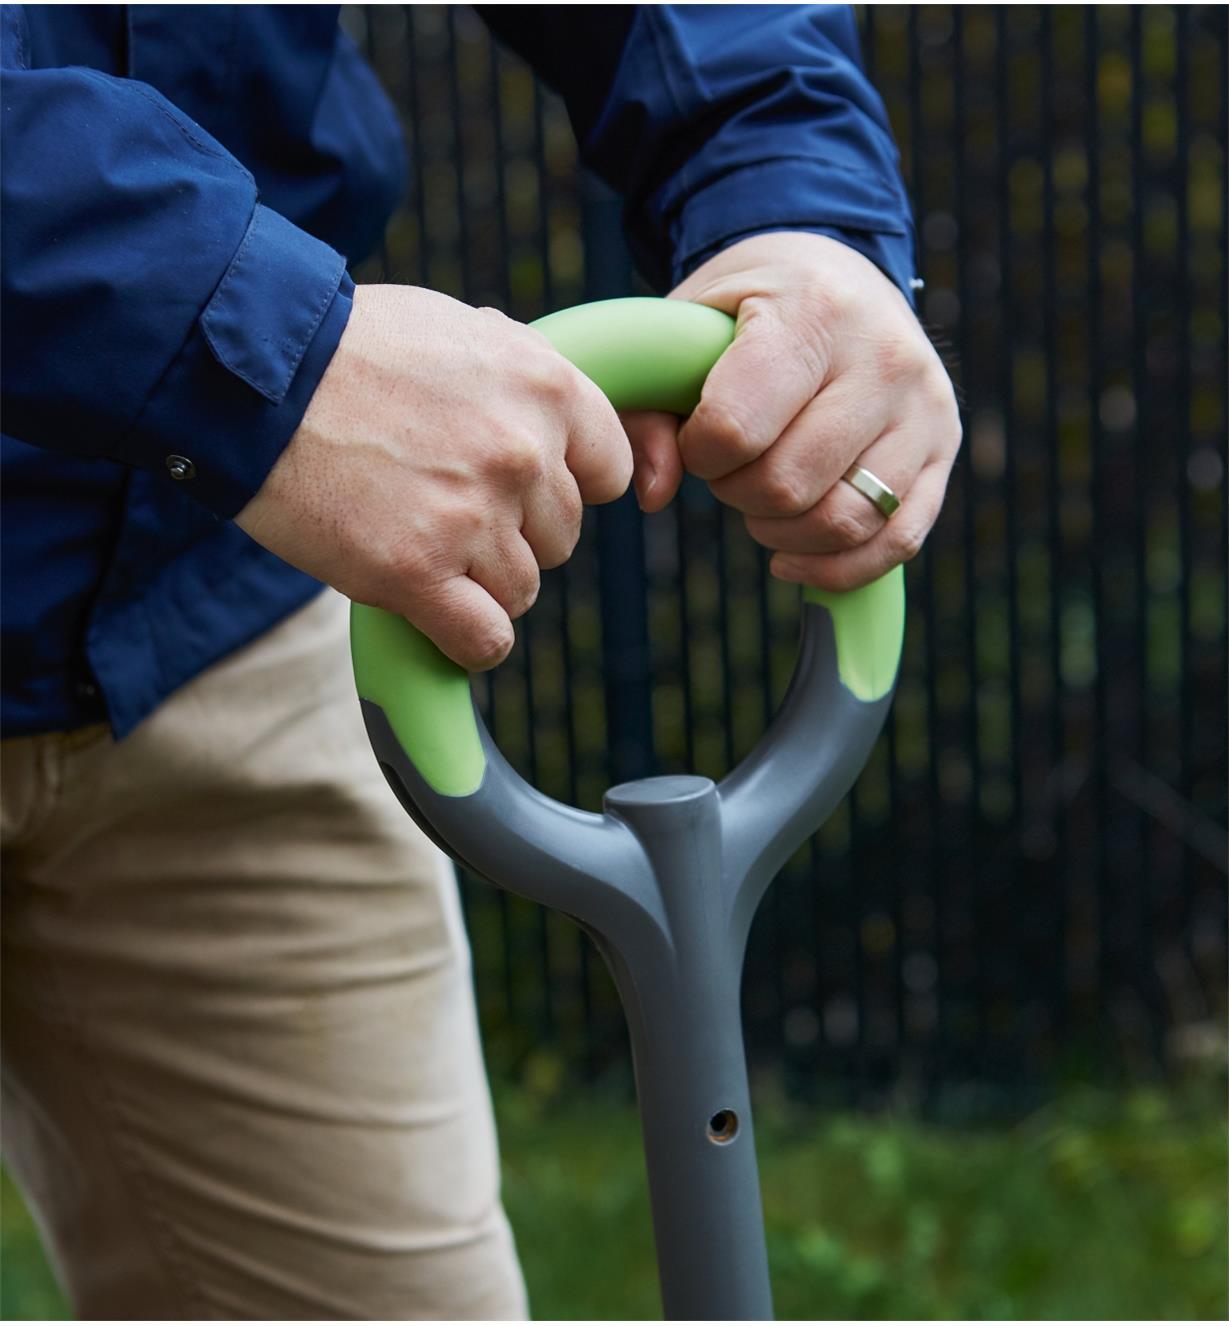 Gros plan sur les mains d'un homme agrippant la poignée d'une fourche ergonomique Radius en acier inoxydable